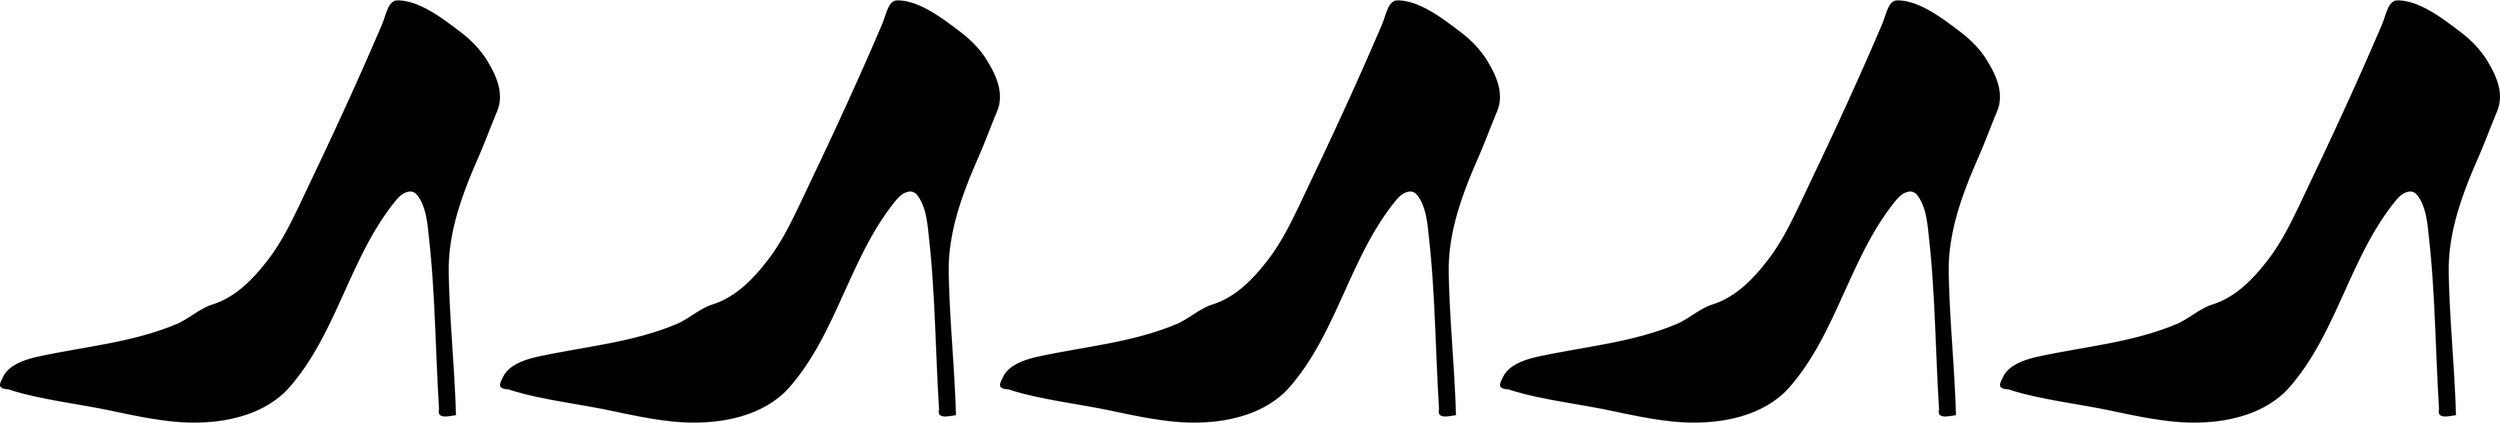 Five_Heels[2].jpg